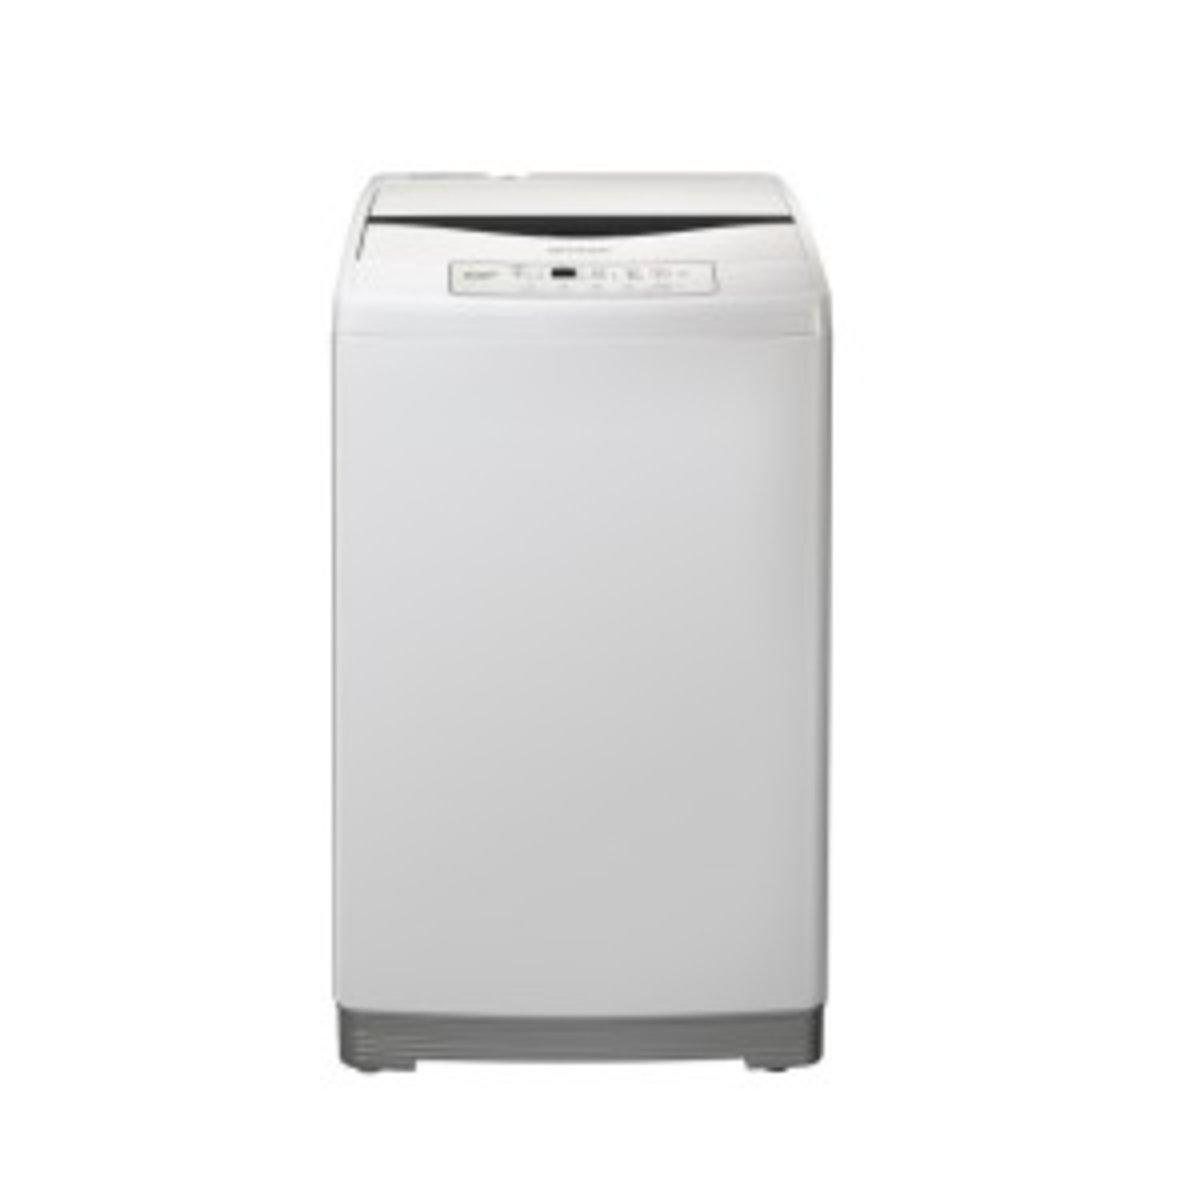 ES-HK800P  Top Load Washing Machine